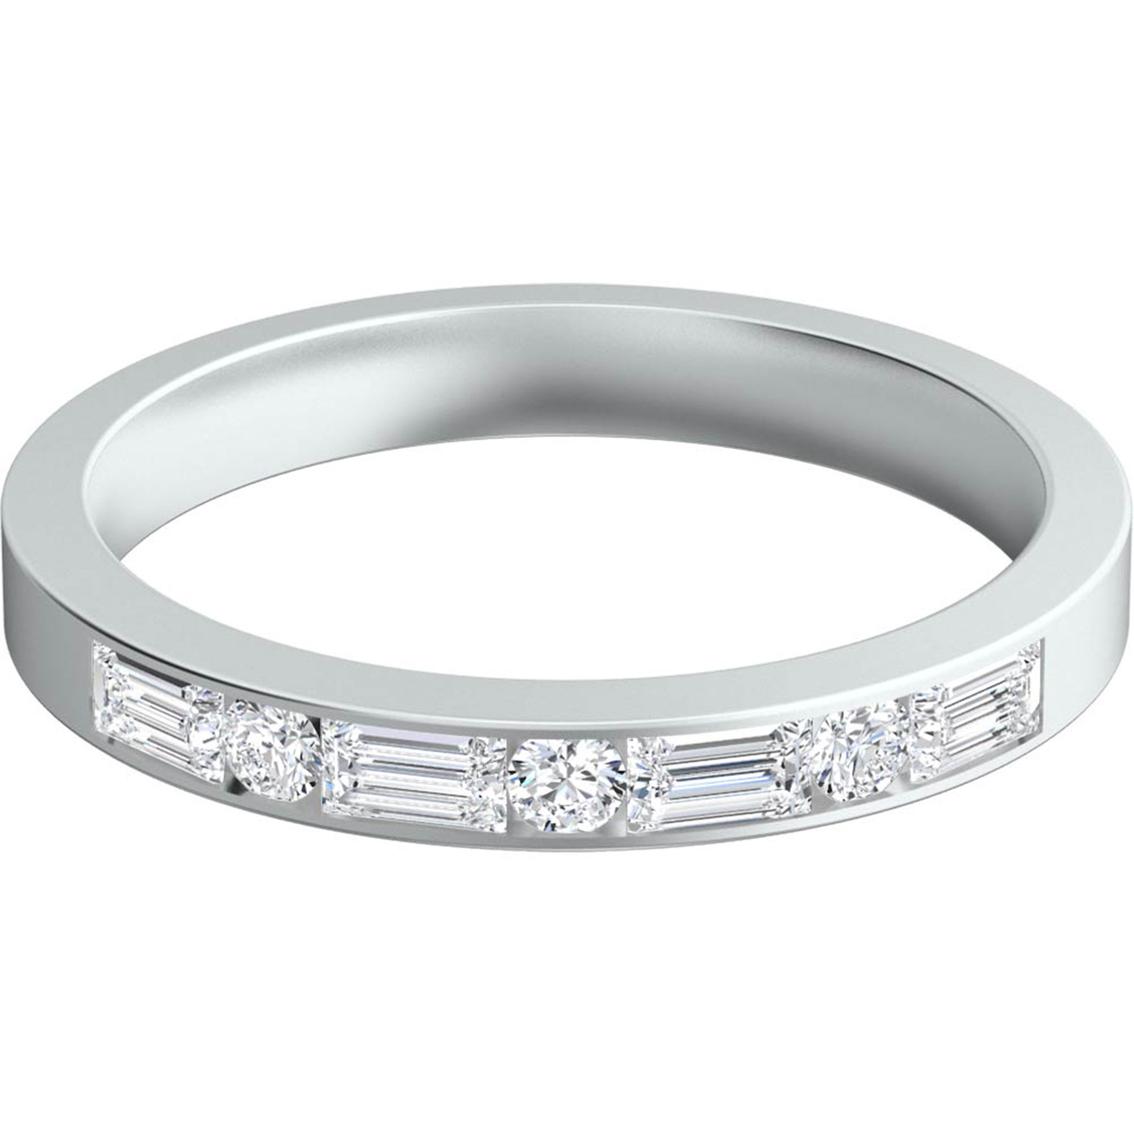 Sasha Primak Platinum 1/2 Ctw Baguette And Round Diamond Wedding ...